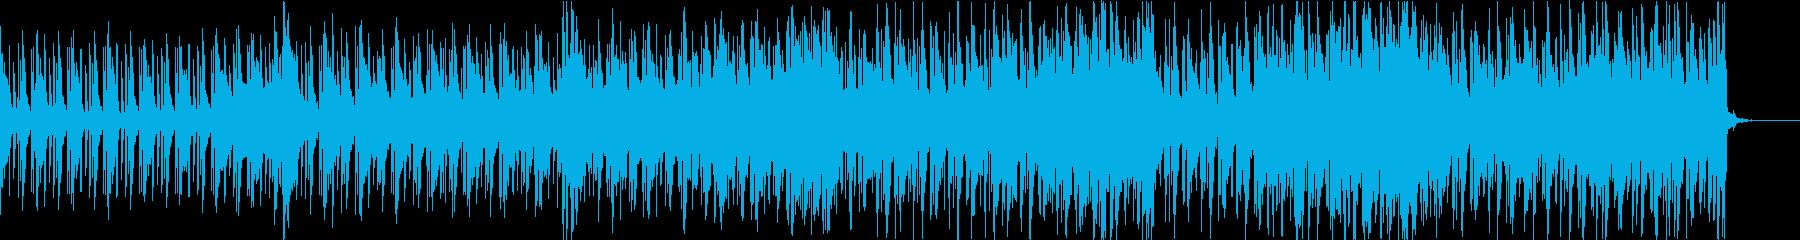 明るくのどかサイケ打込フリージャズSaxの再生済みの波形